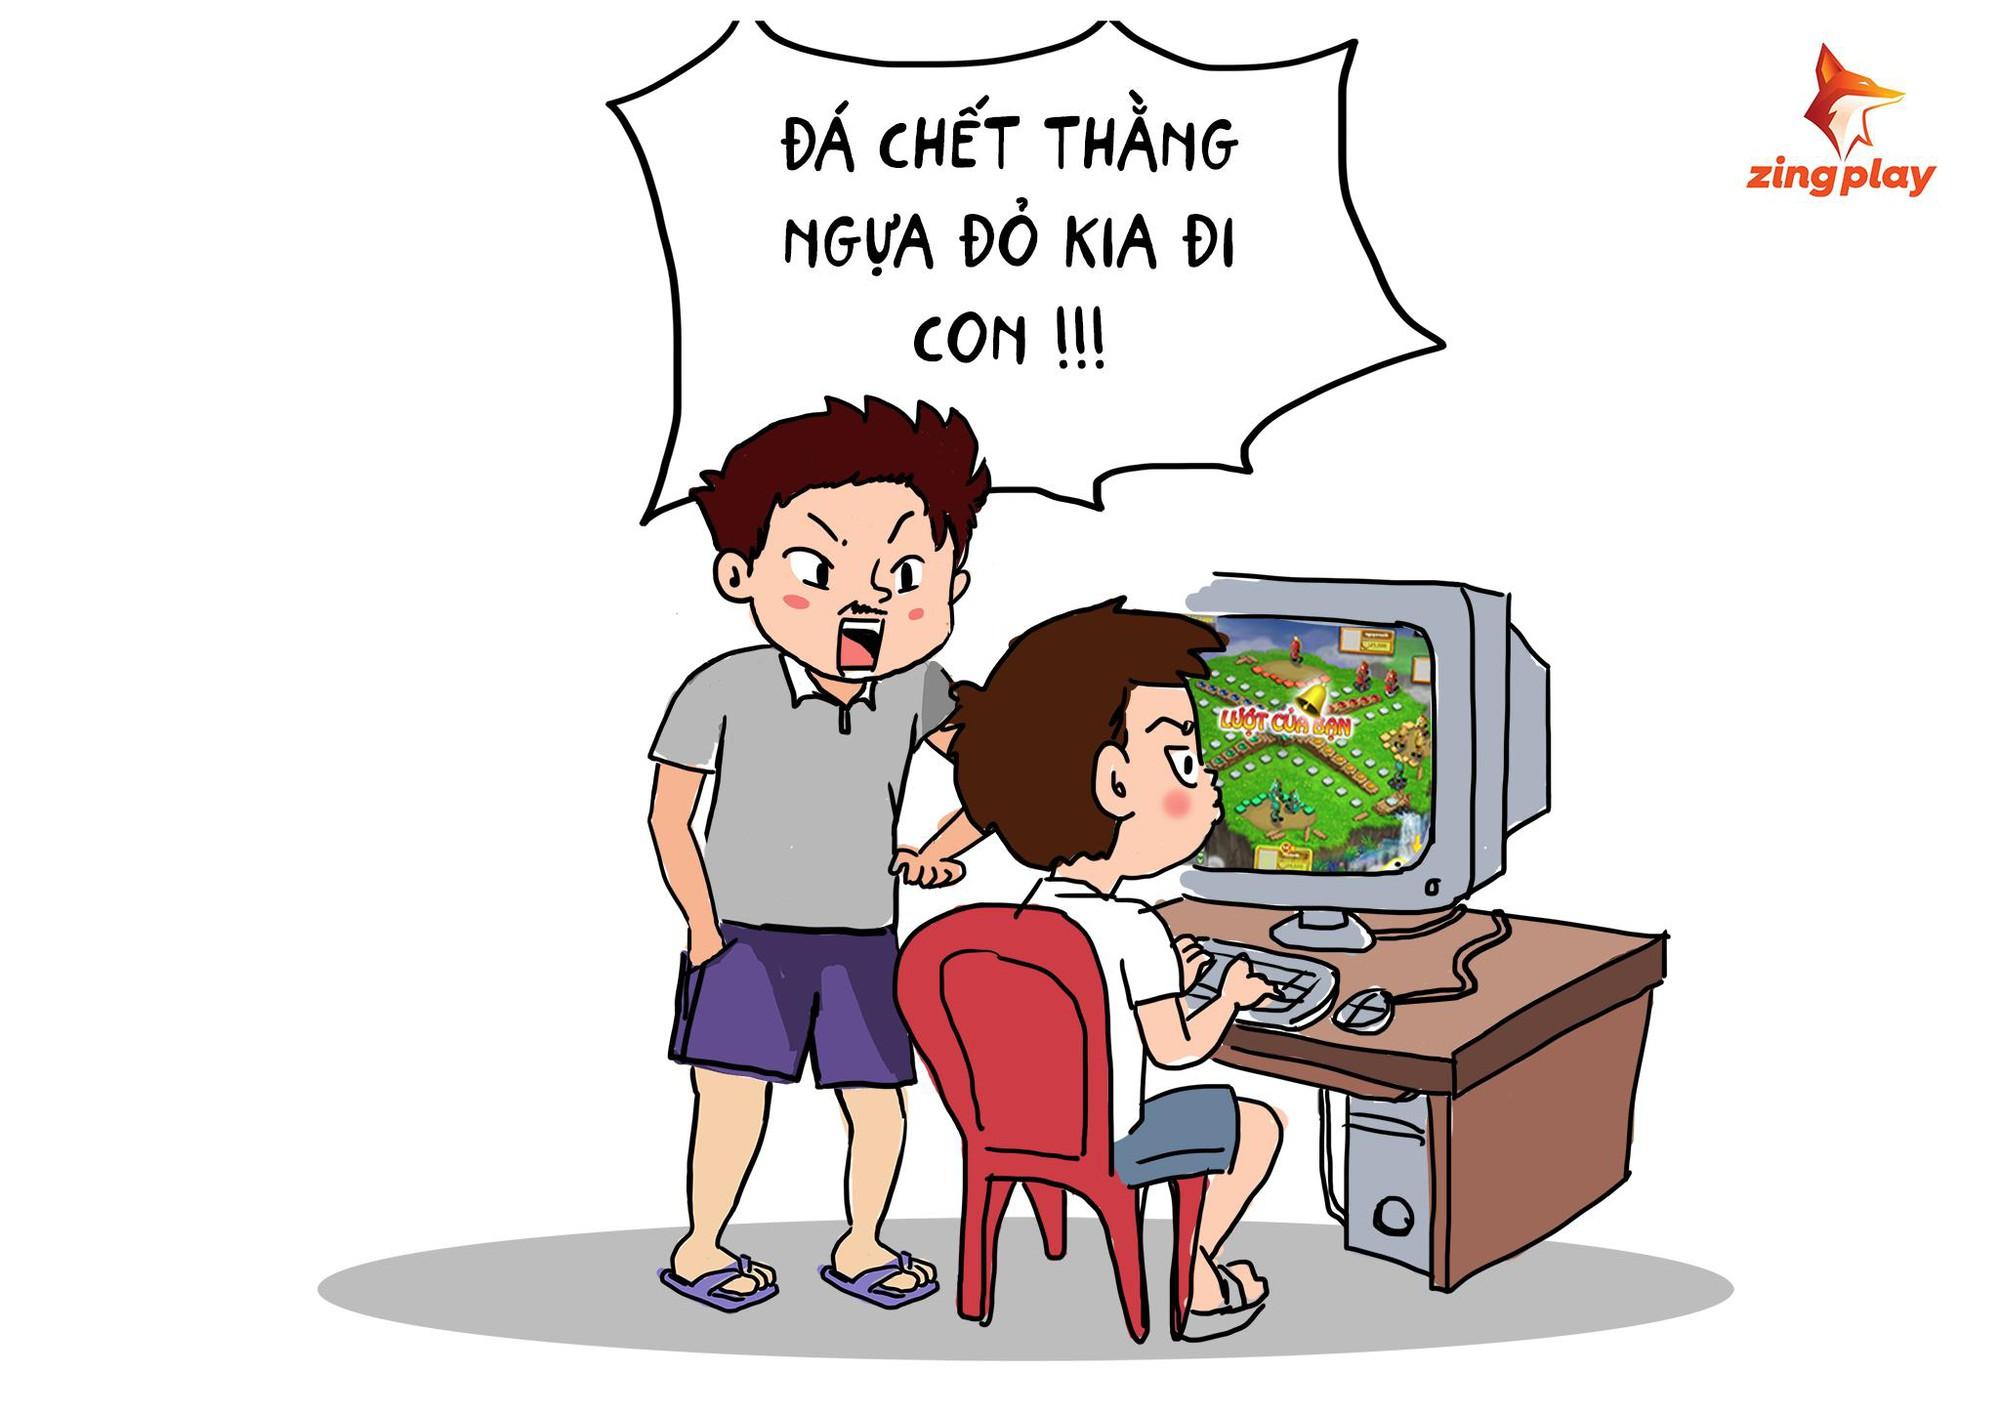 """Nhìn lại """"tuổi thơ dữ dội"""" của game thủ Việt bên cổng game giải trí ZingPlay - Ảnh 2."""